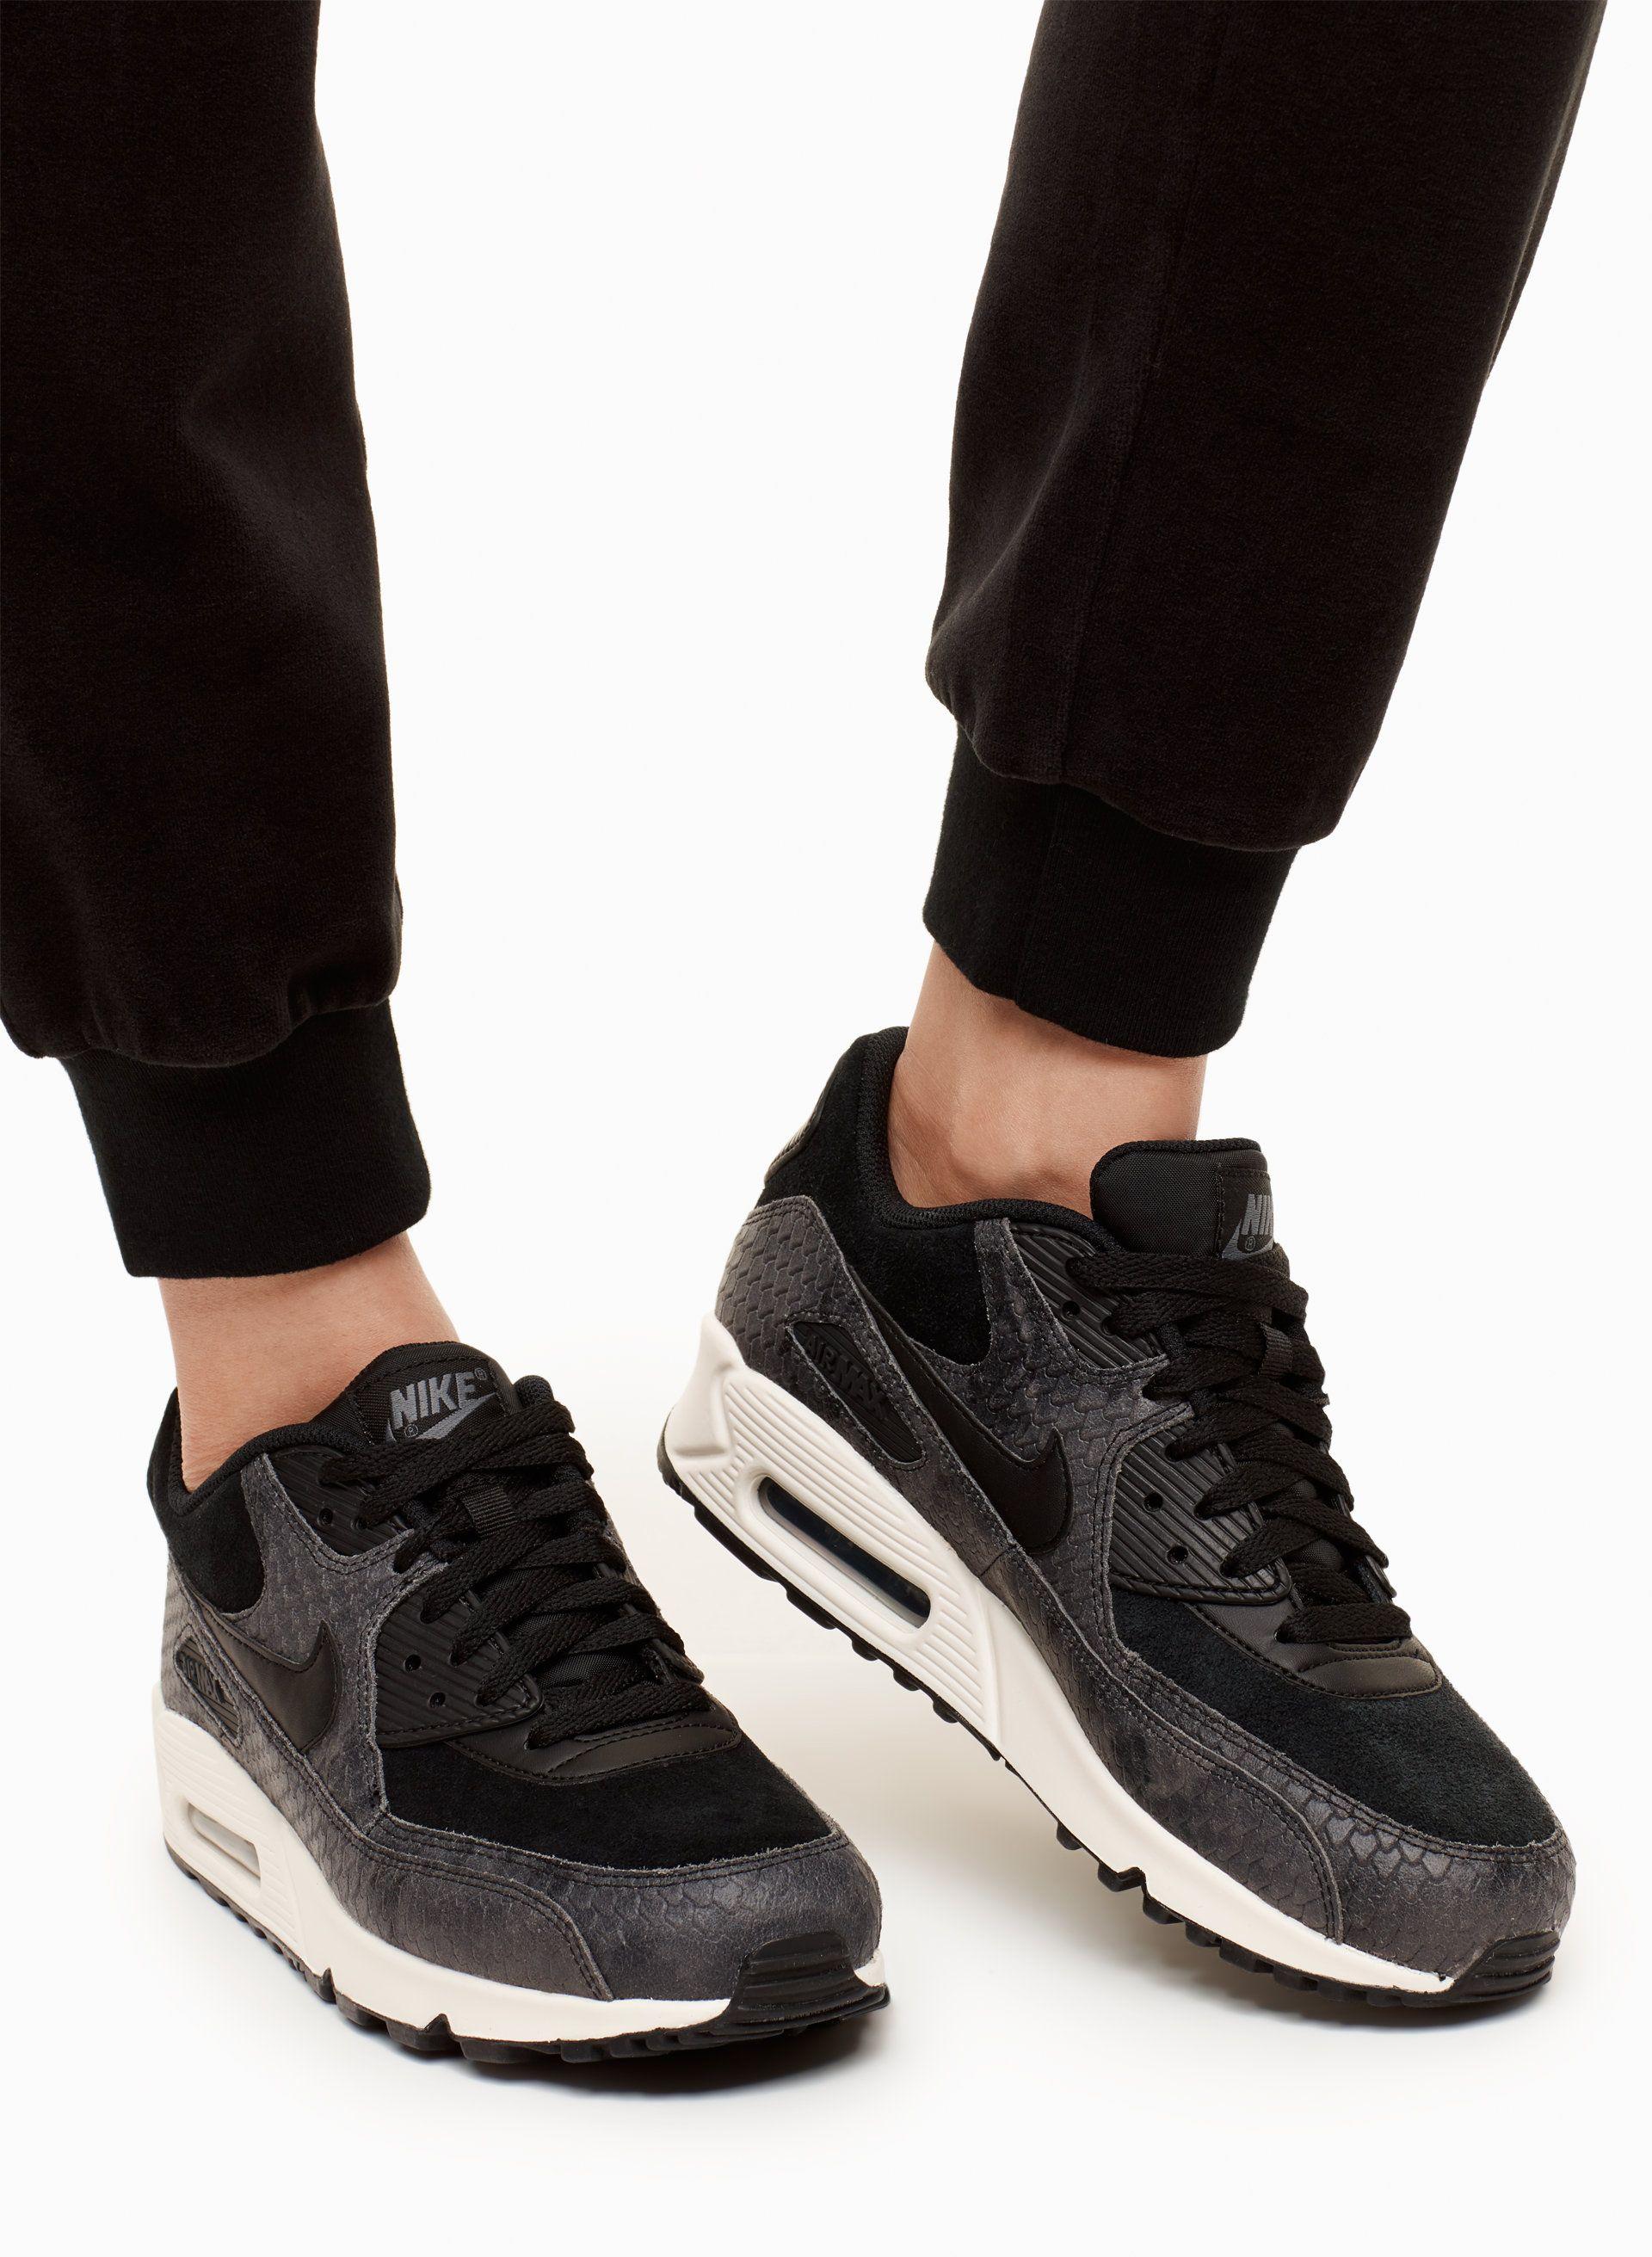 Fashion Cheap Nike Sneakers · Nike Air Max 90 Premium